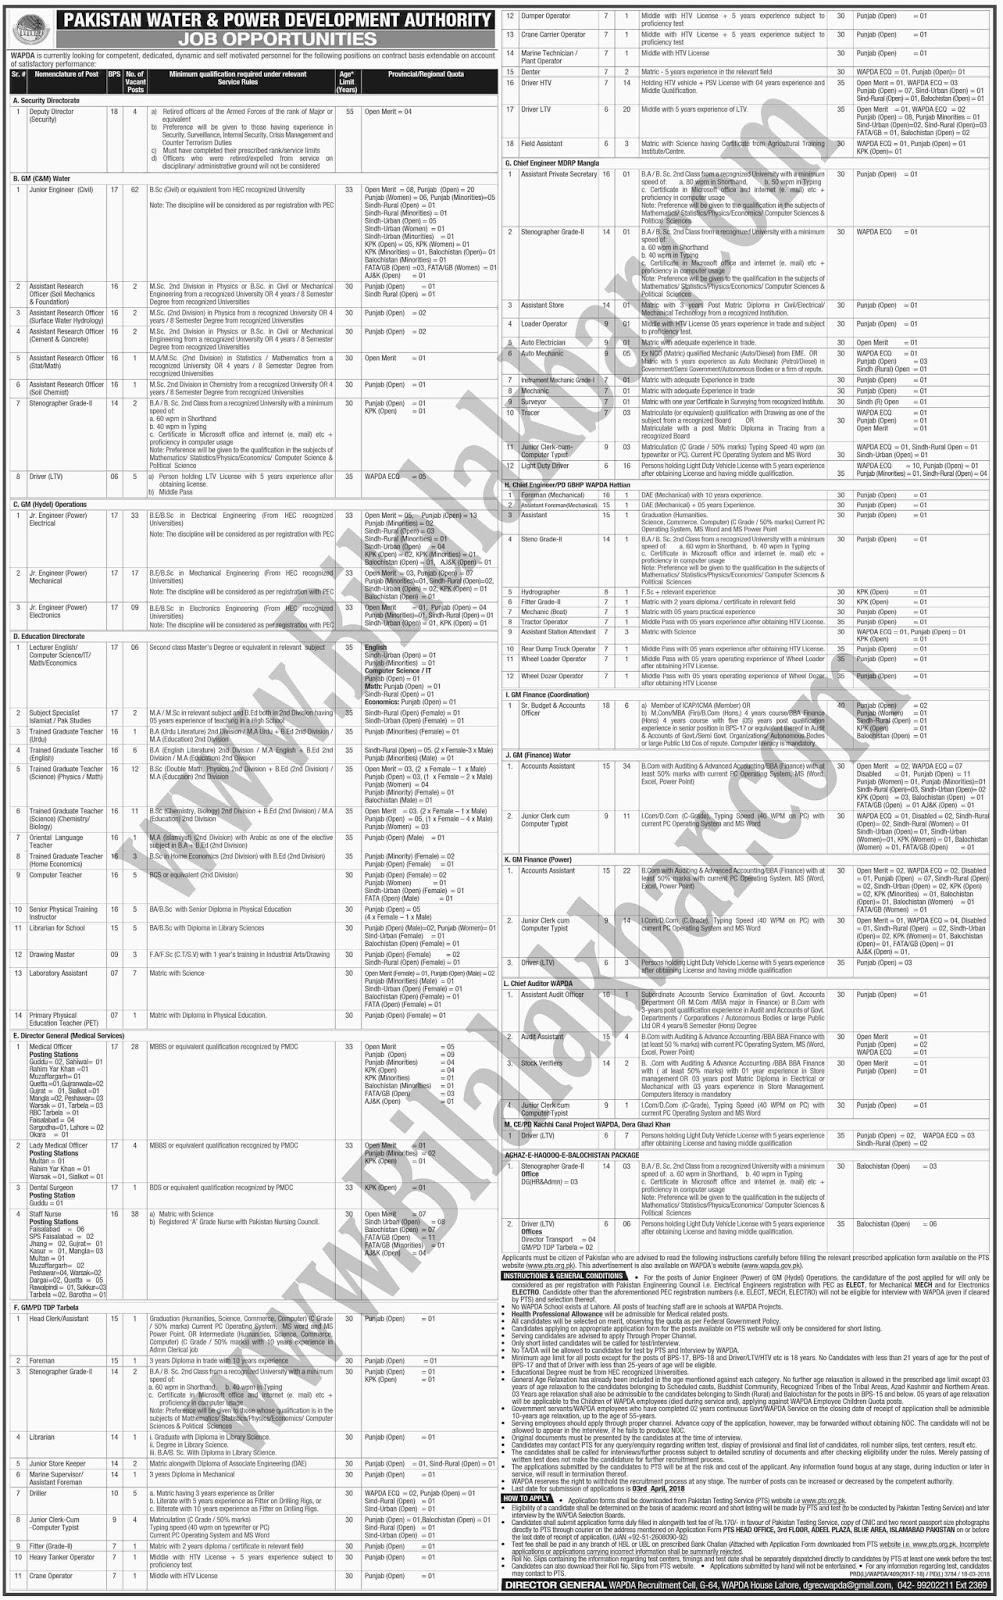 Jobs in WAPDA Pakistan Water & Power Development Authority